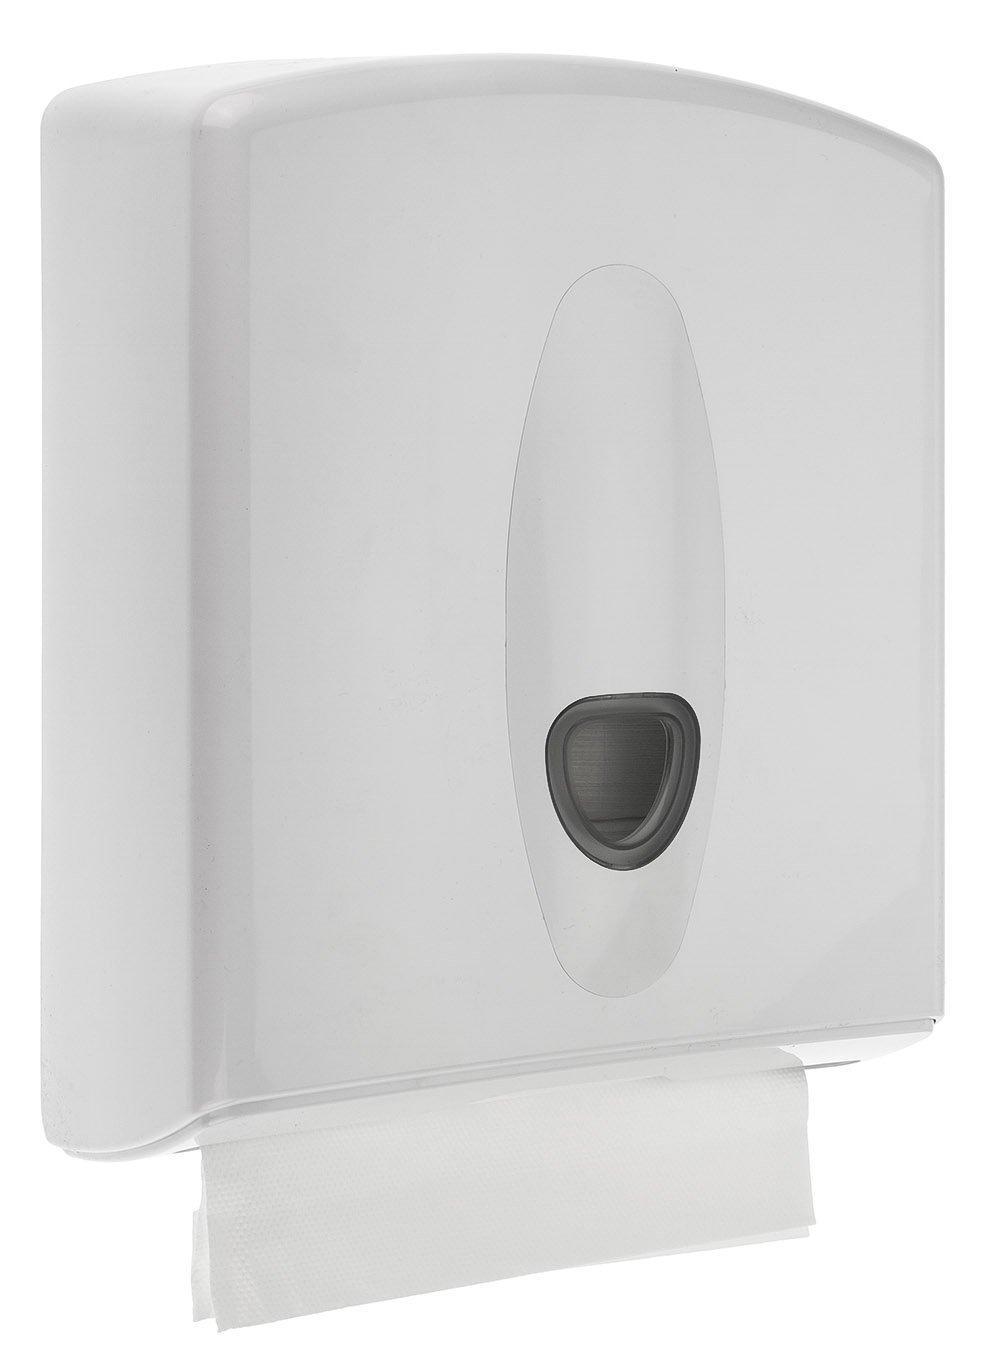 PlastiQline - 2020 dispensador de toallas de papel Midi - Se puede cerrar - Color Blanco: Amazon.es: Salud y cuidado personal